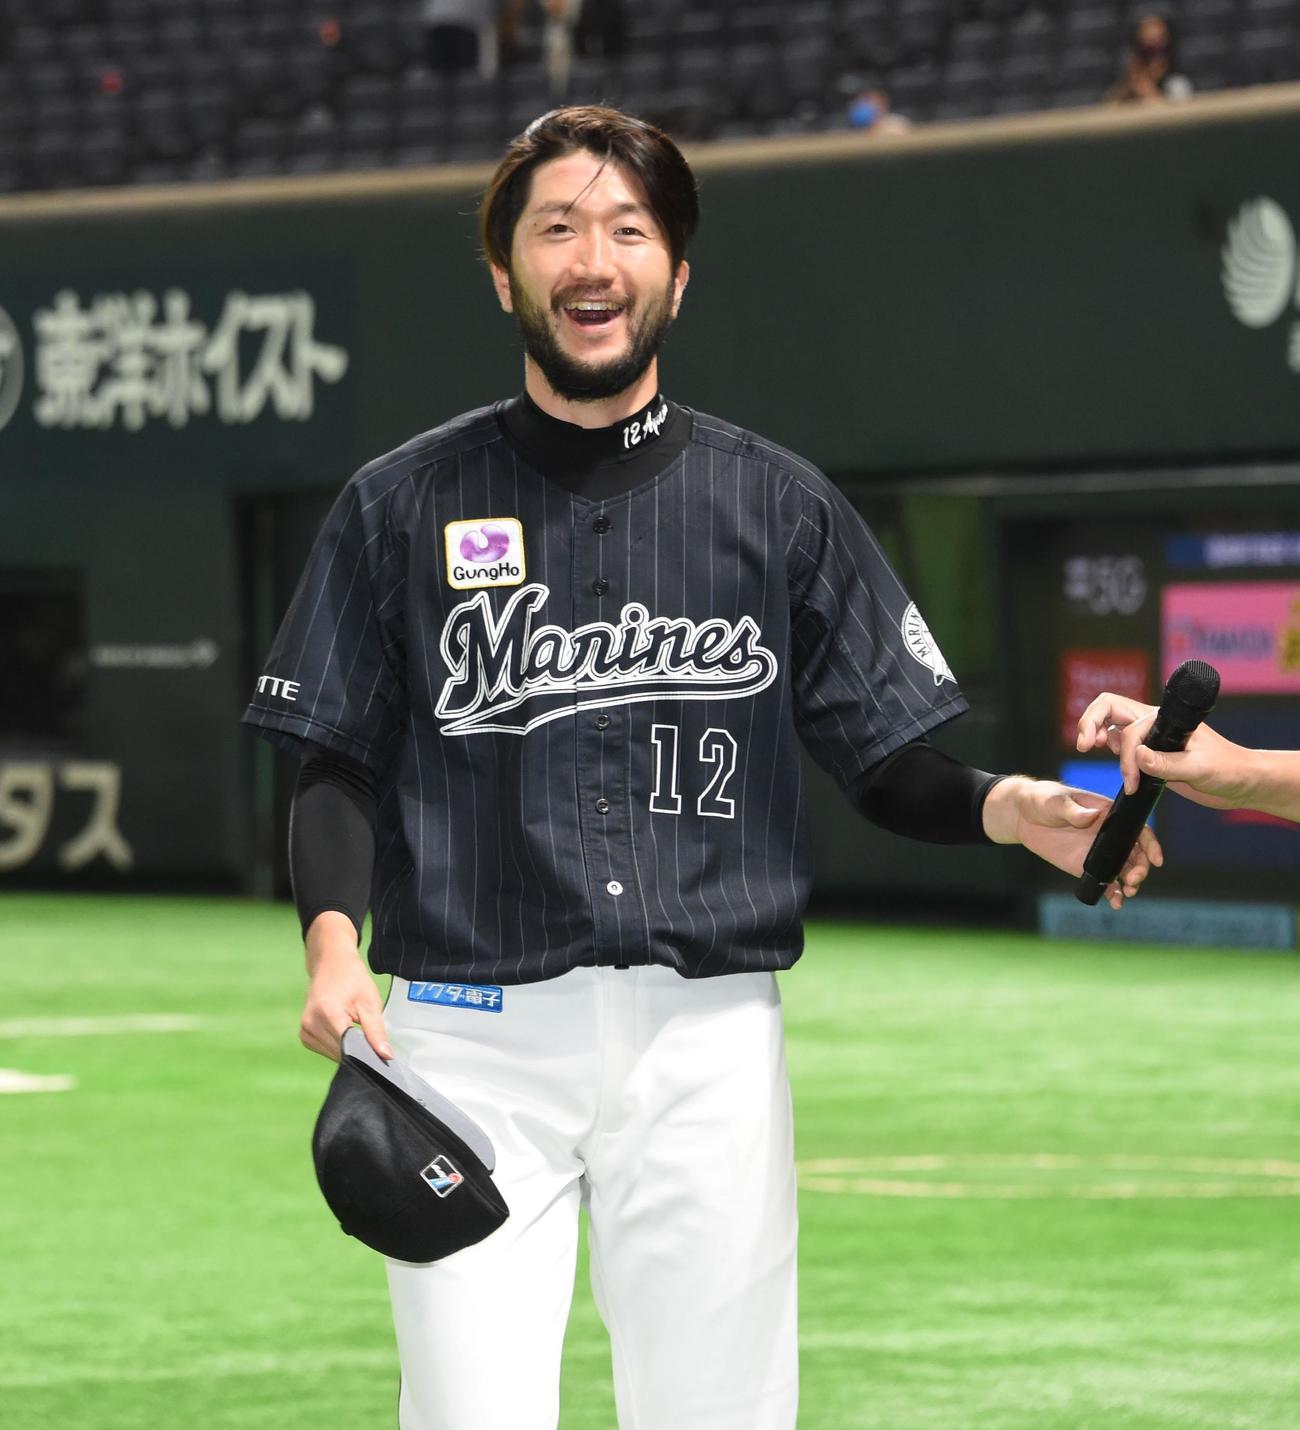 9月4日、ソフトバンク戦で6勝目を飾り笑顔の石川